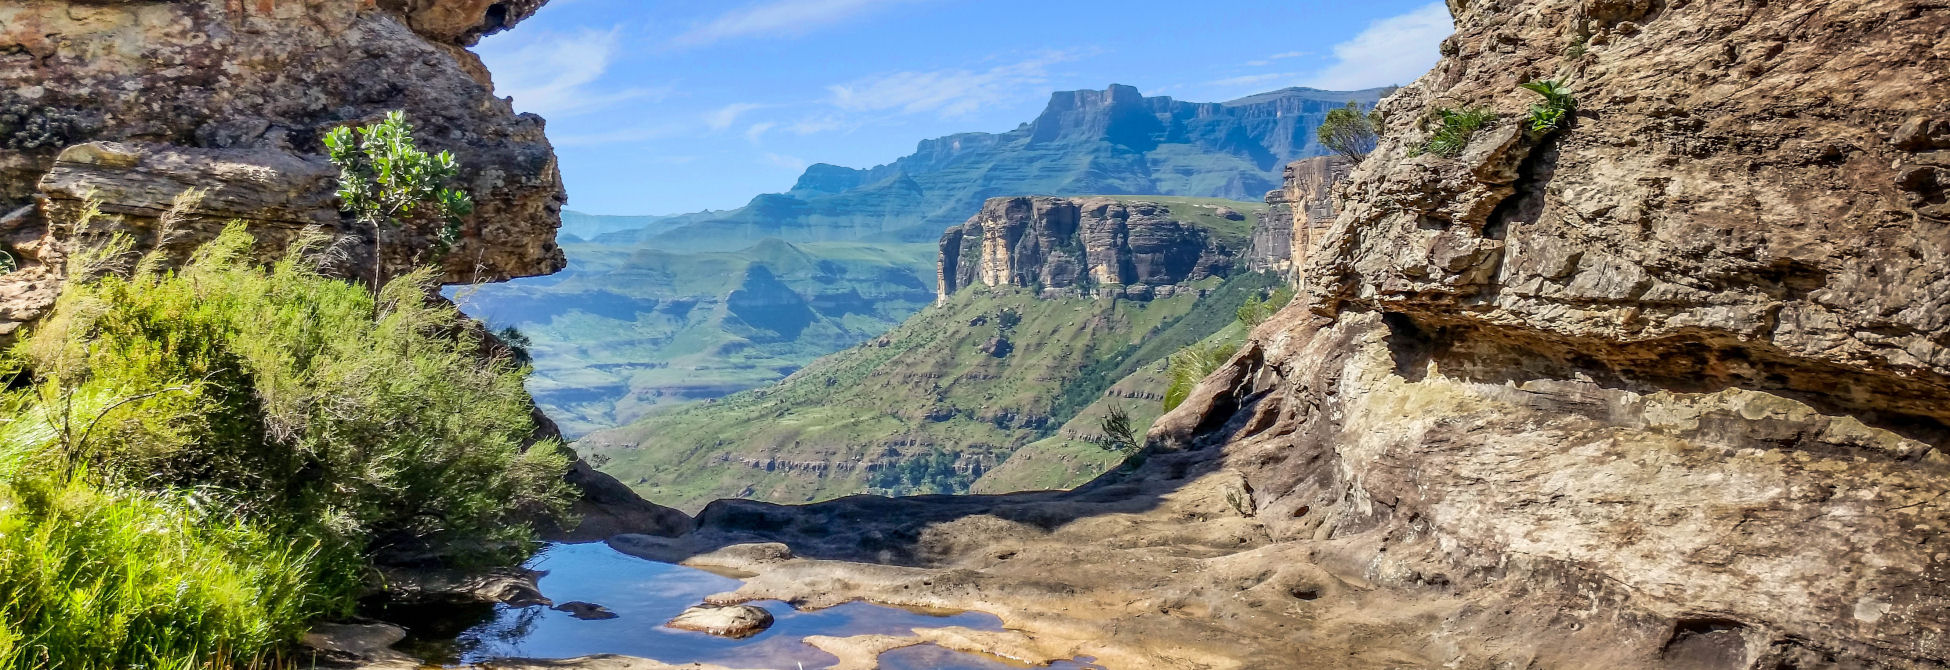 Go self drive - Drakensberg